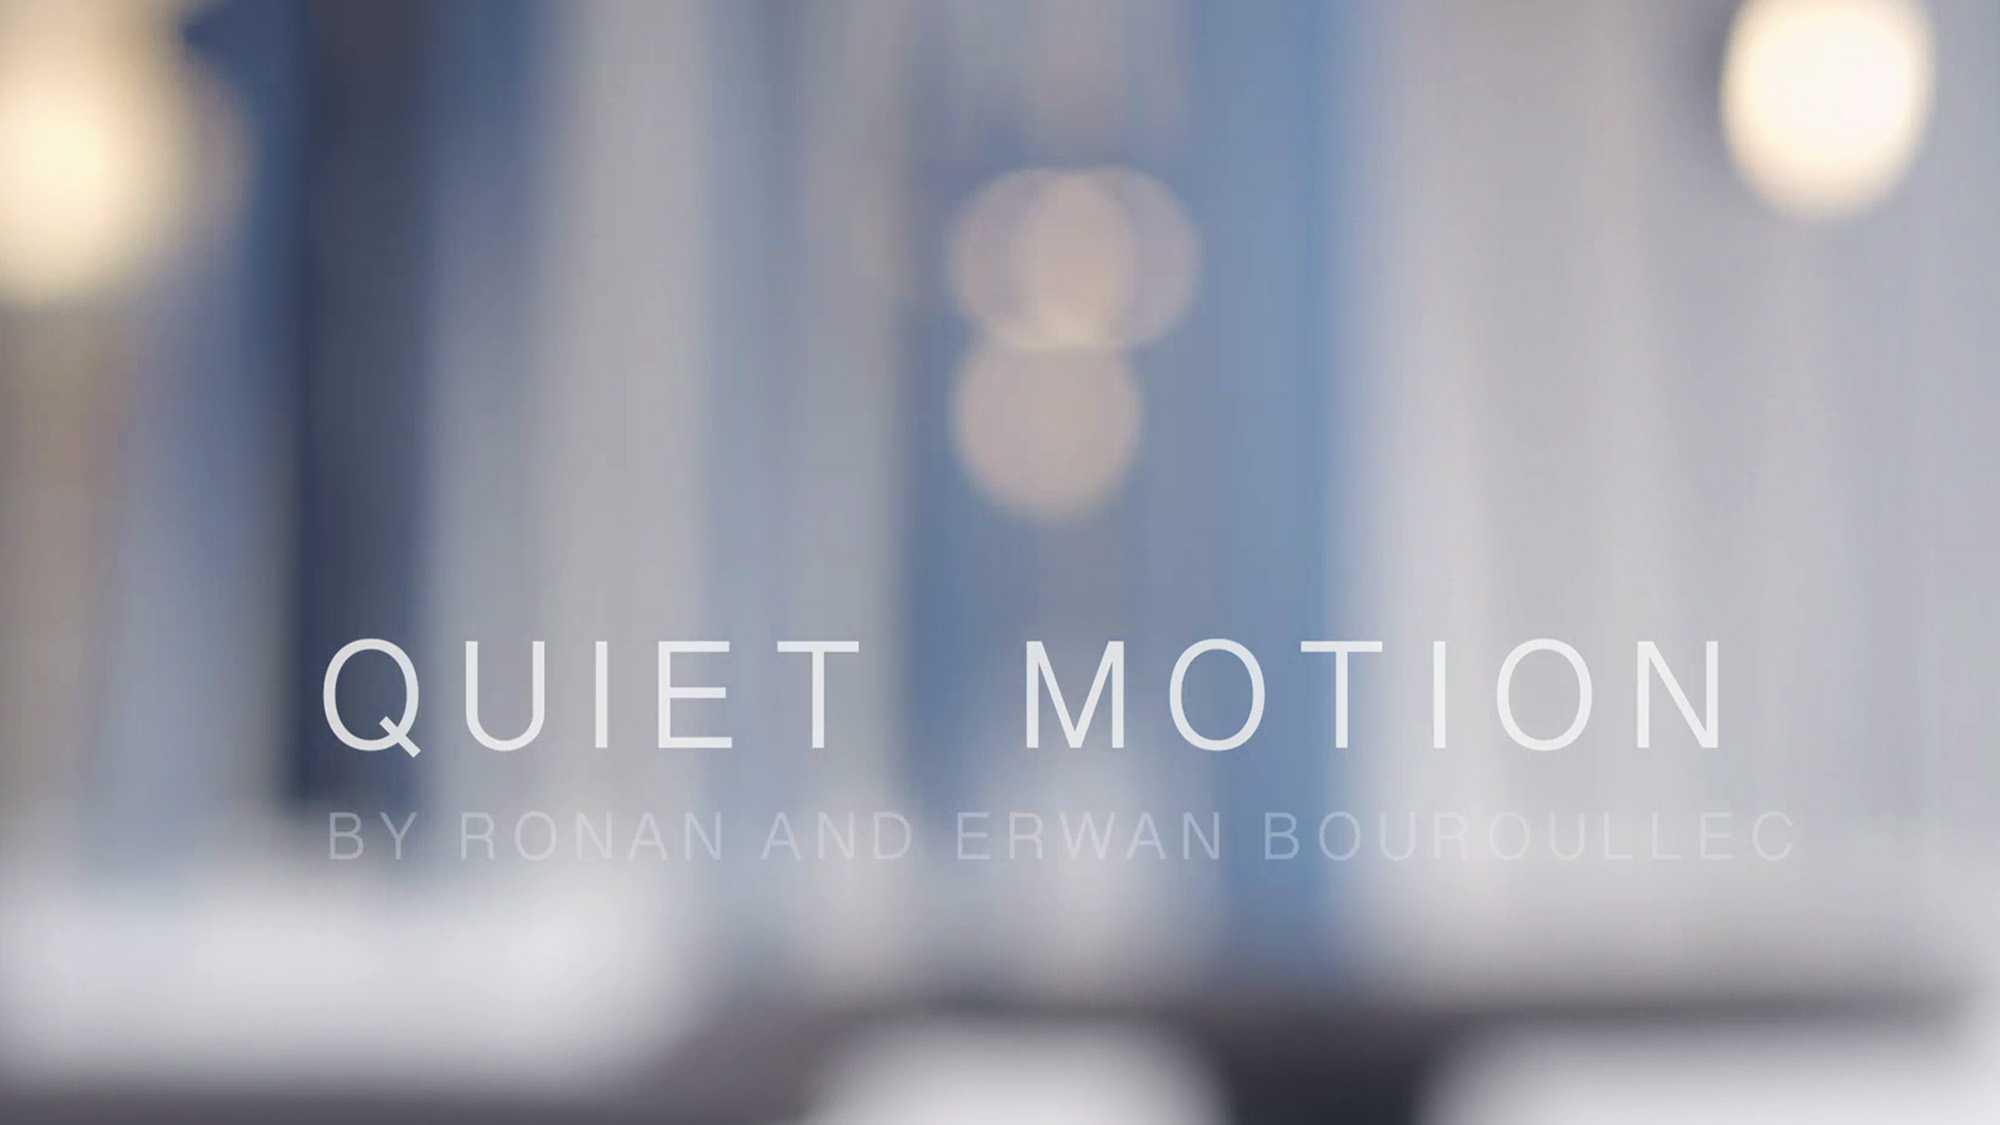 """Das Bild zeigt einen blau-weißen Hintergrund. Er ist nur verschwommen erkennbar. In der Mitte ist ein animierter Text eingebettet. Zu lesen sind die Worte """"Quiet Motion"""". Das Bild dient als Sliderbild für den Portfolioeintrag BMW Quiet Motion von Panda Pictures."""